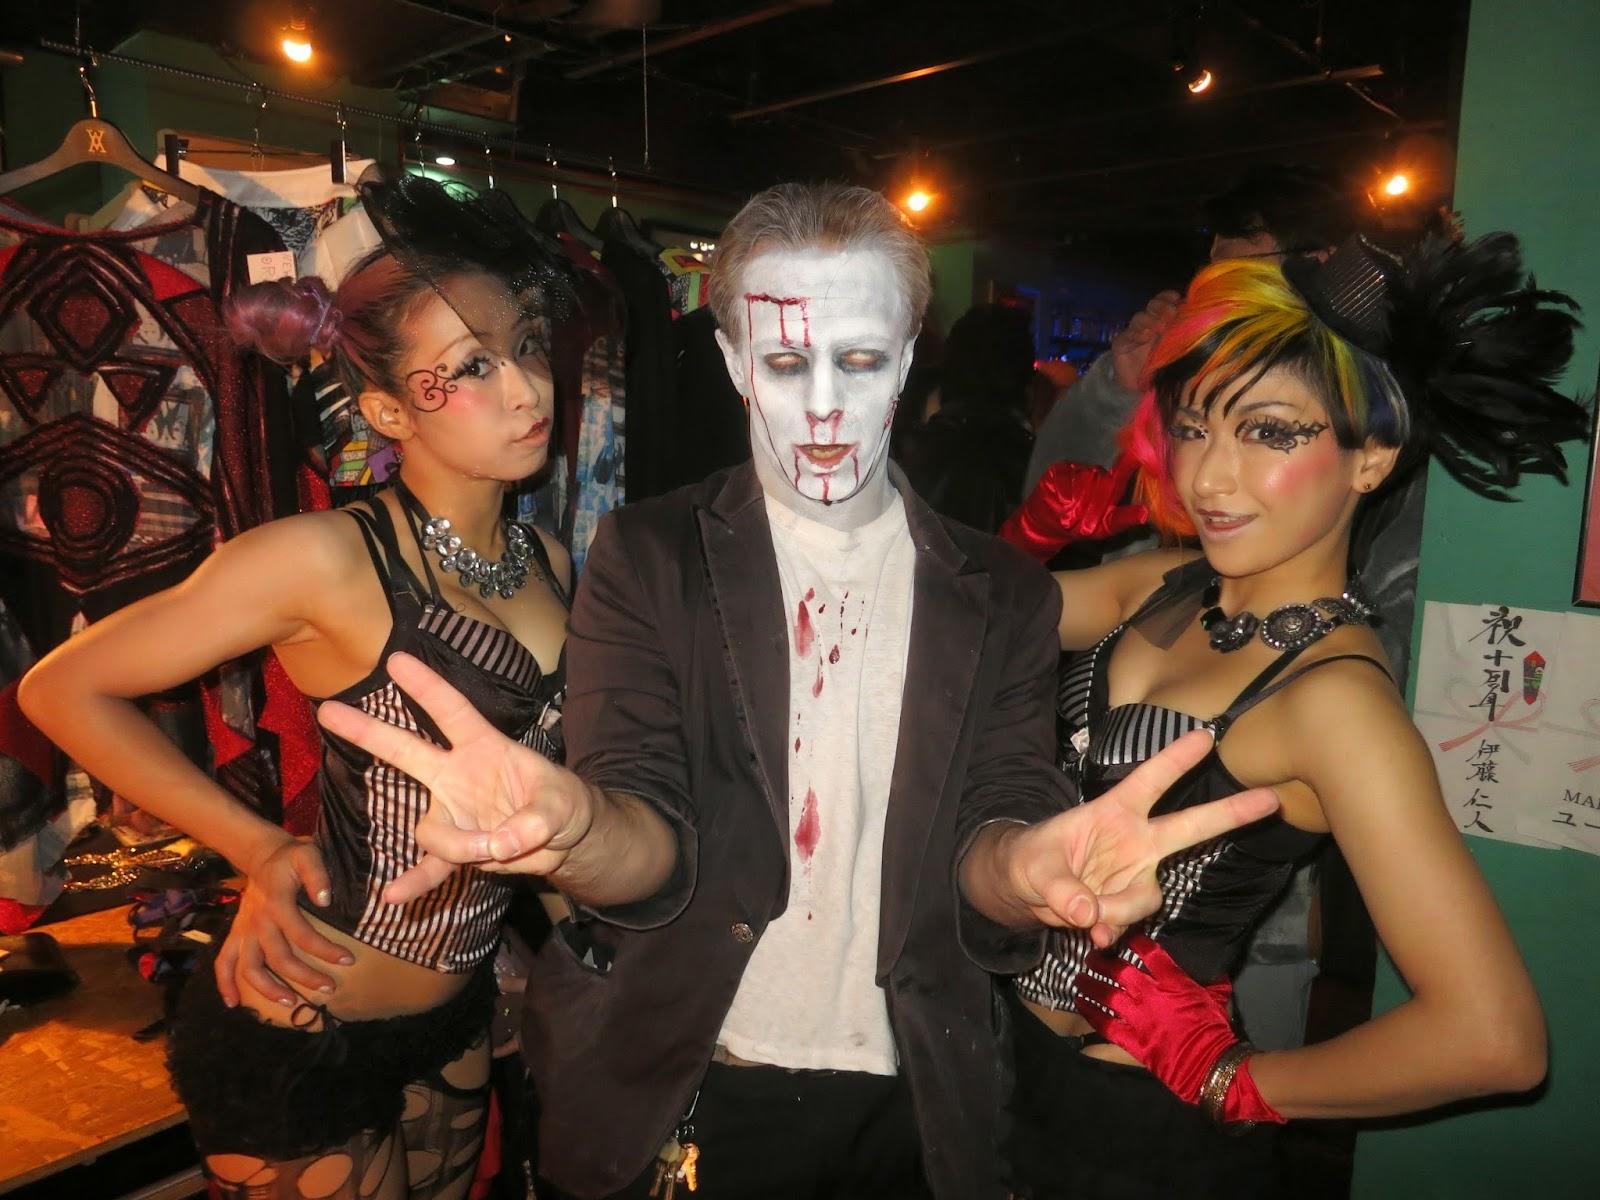 Dance Magic Dance Tattoo Magic Pole Dance Comedy